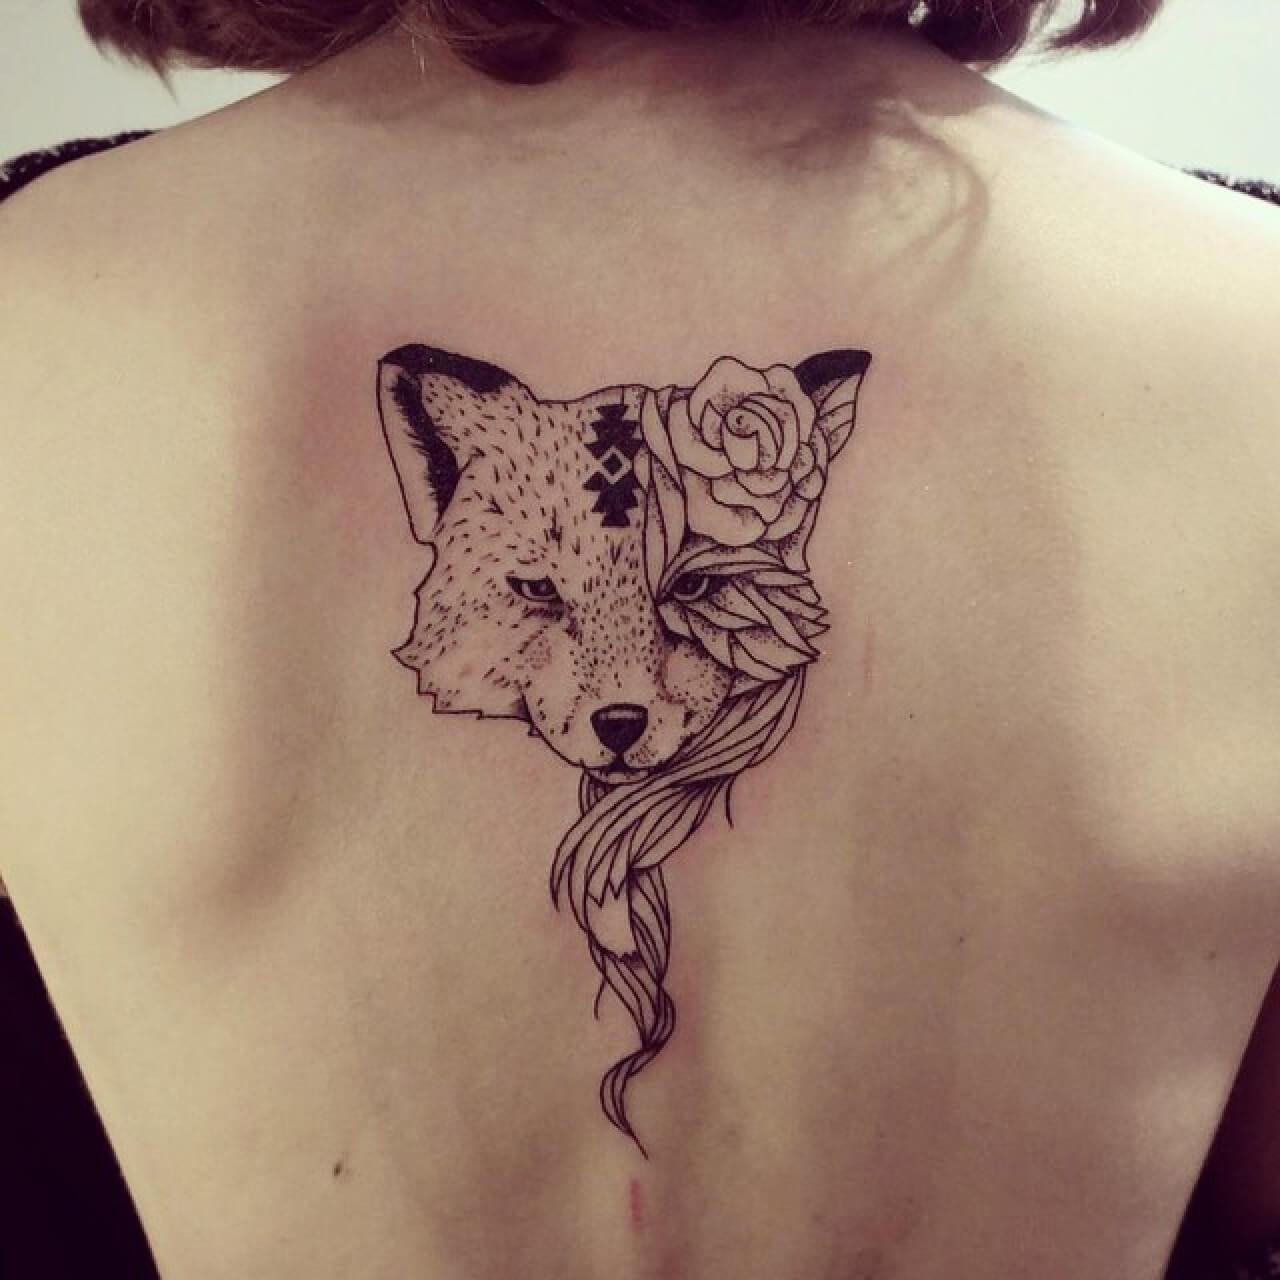 tatoo9-main-1.jpg